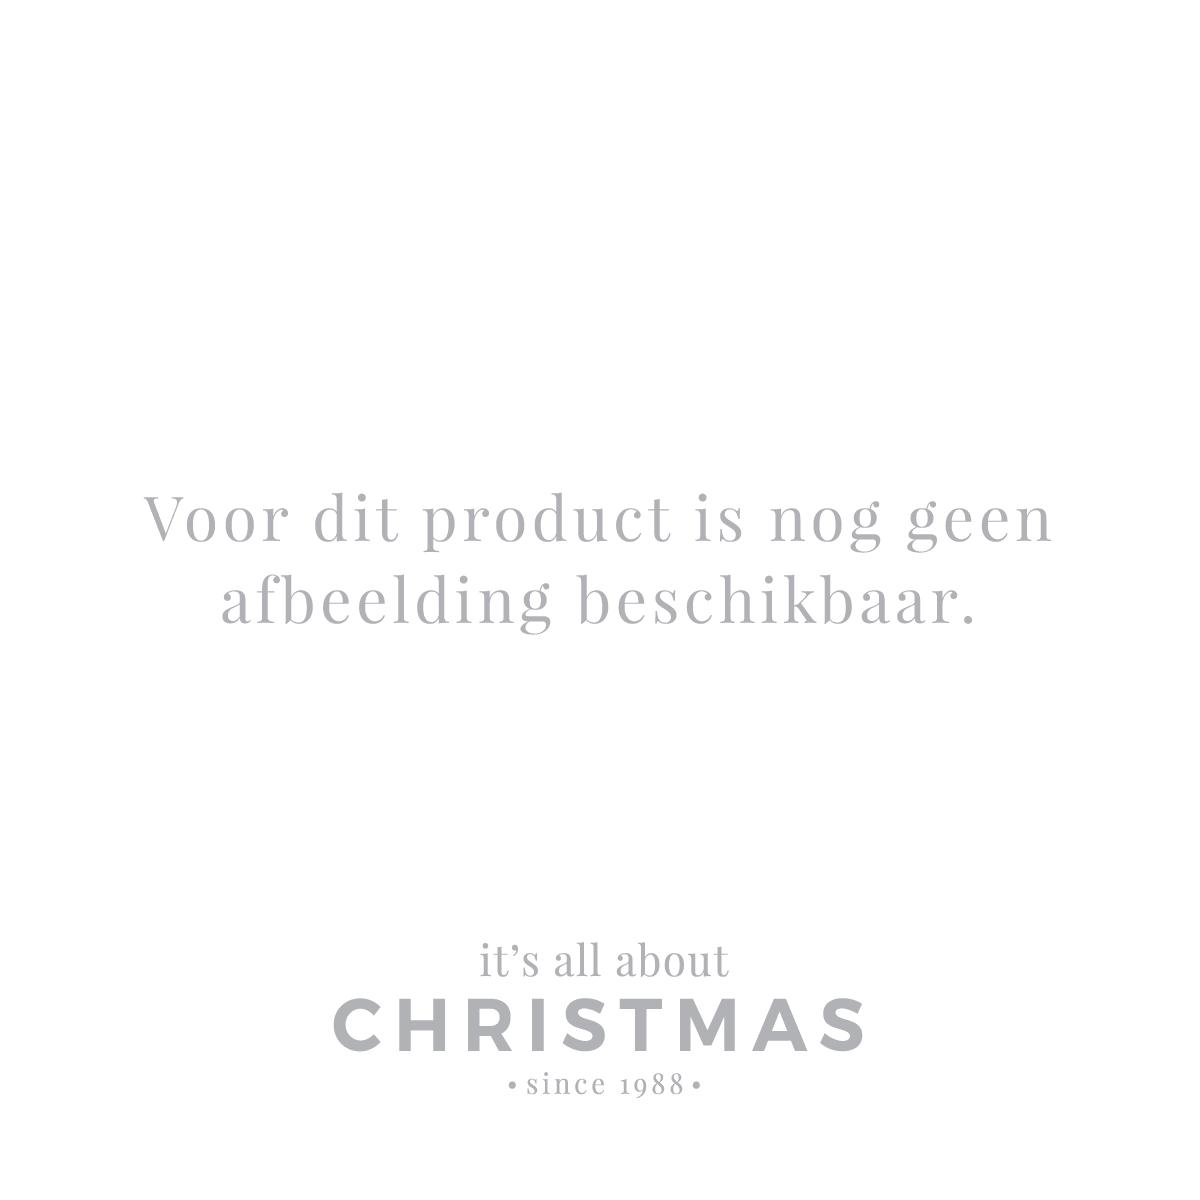 Dekotablett, graue Waschung, Holz, 40x22 cm